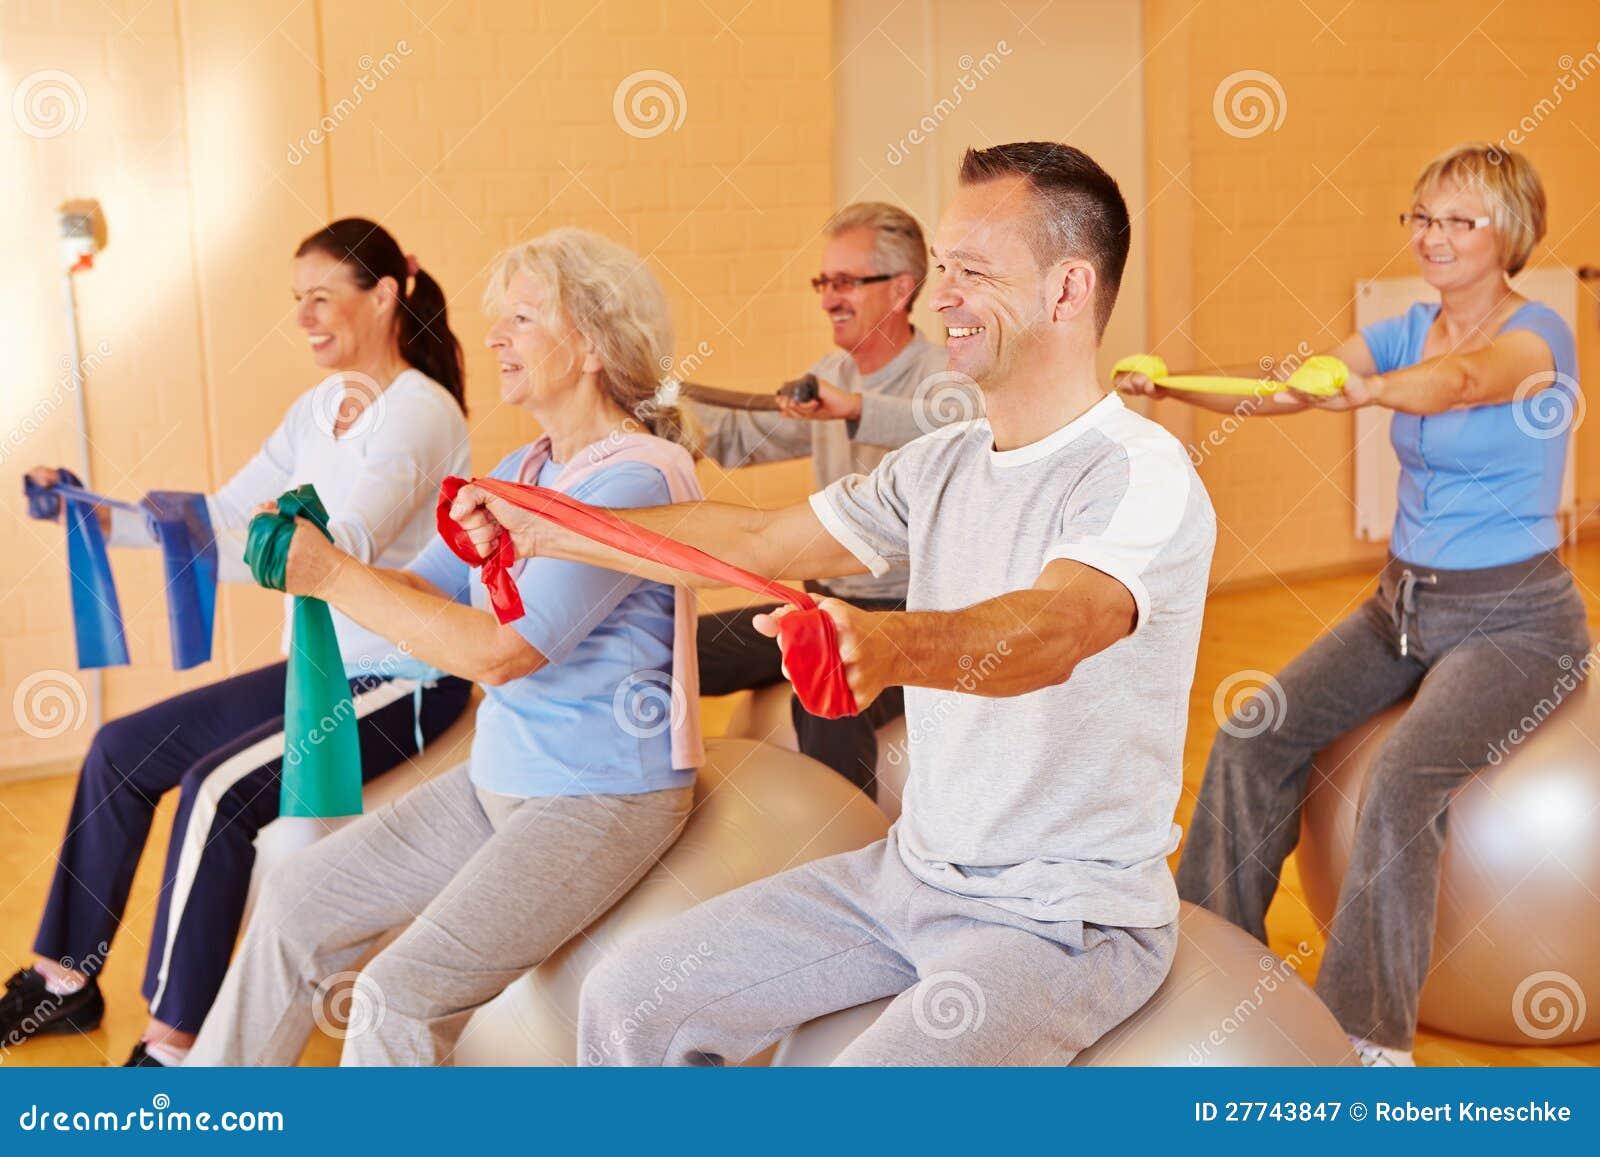 Reha sports for seniors in fitness